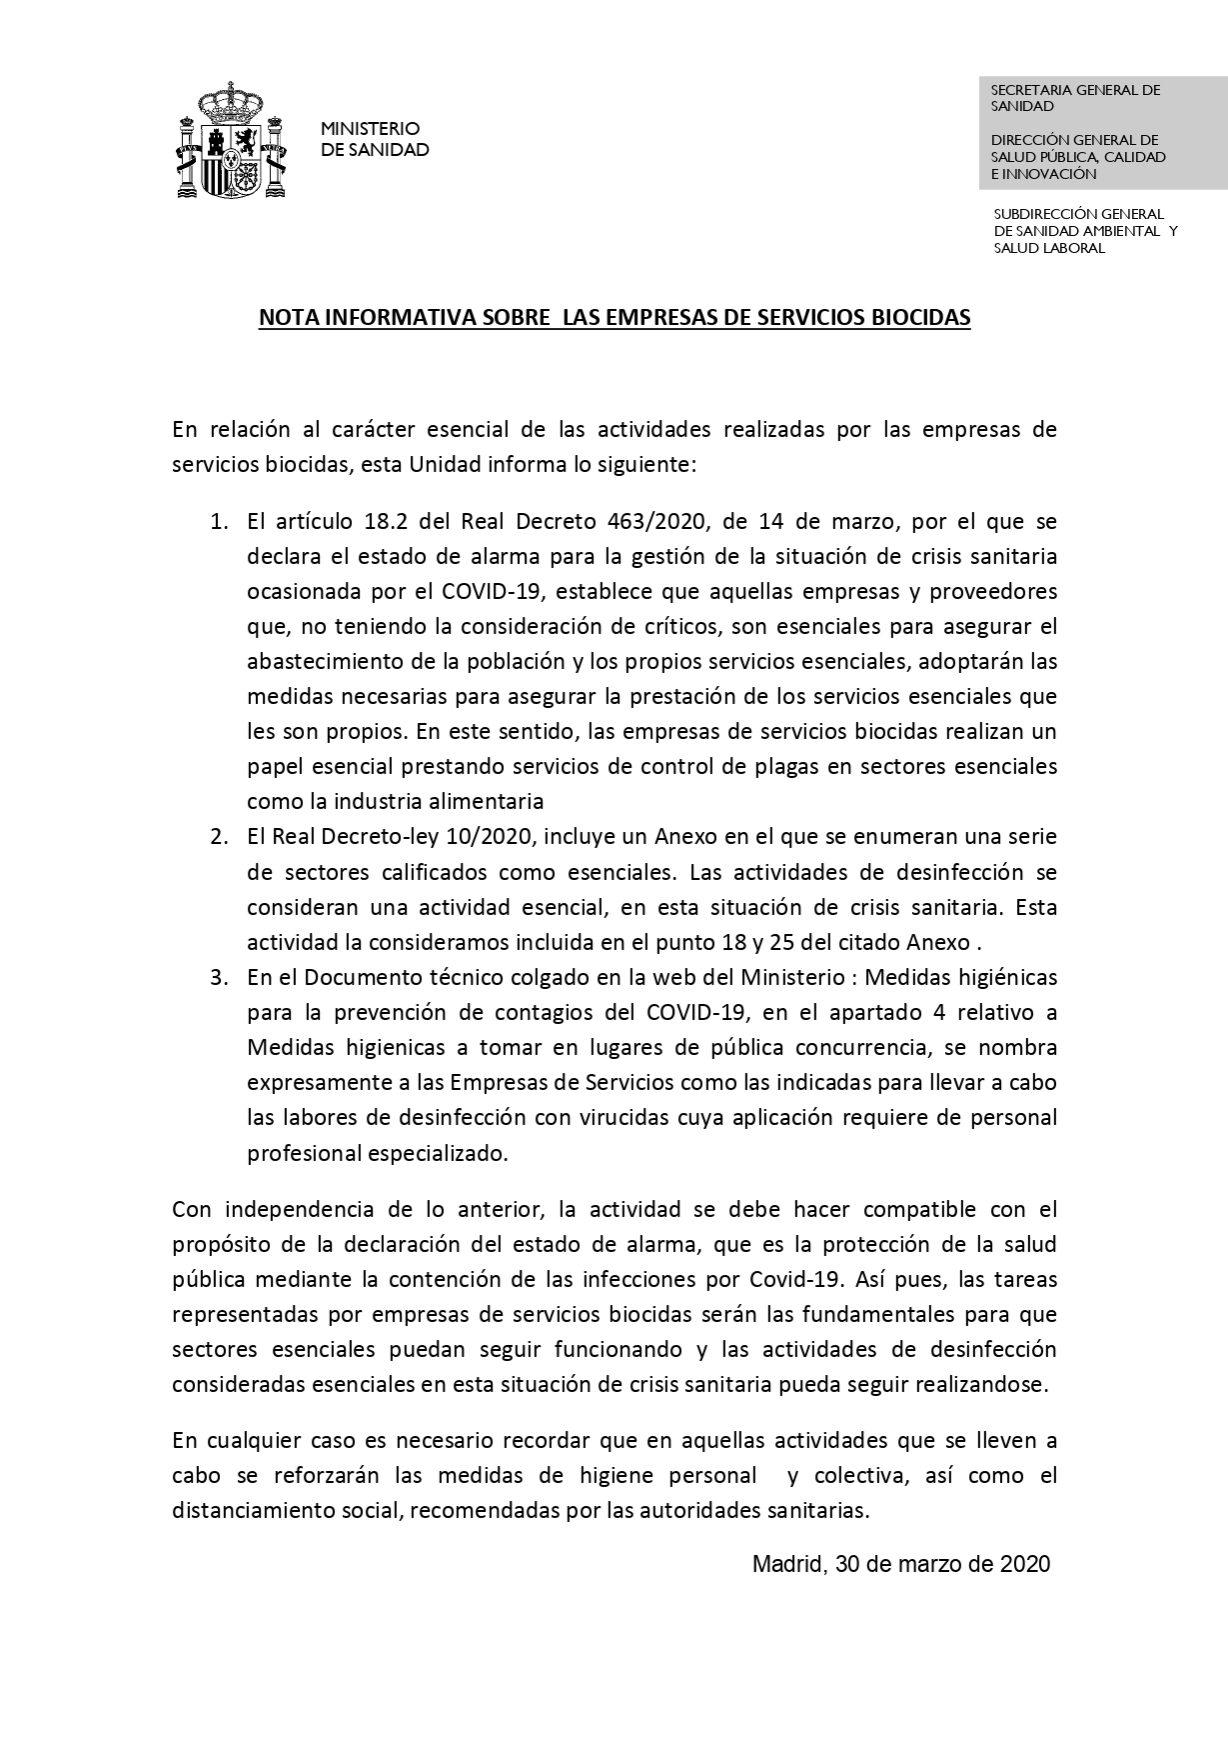 Nota_Empresas_de_Servicios_Biocidas (2)_page-0001